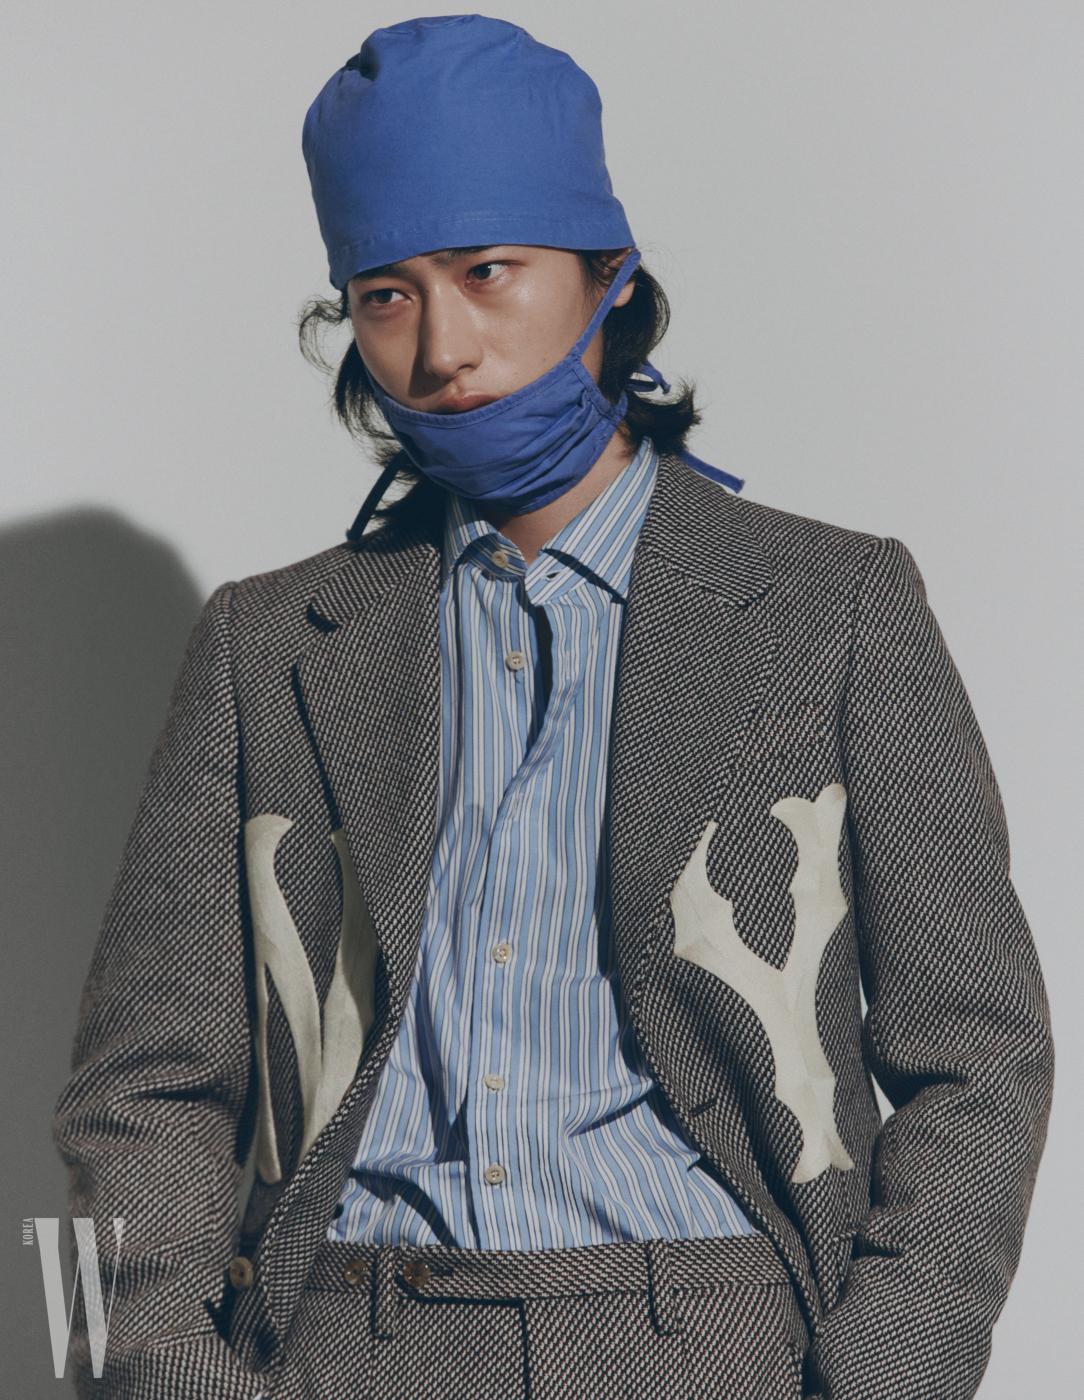 뼈 모티프 로고 재킷과 줄무늬 팬츠는 구찌 제품.